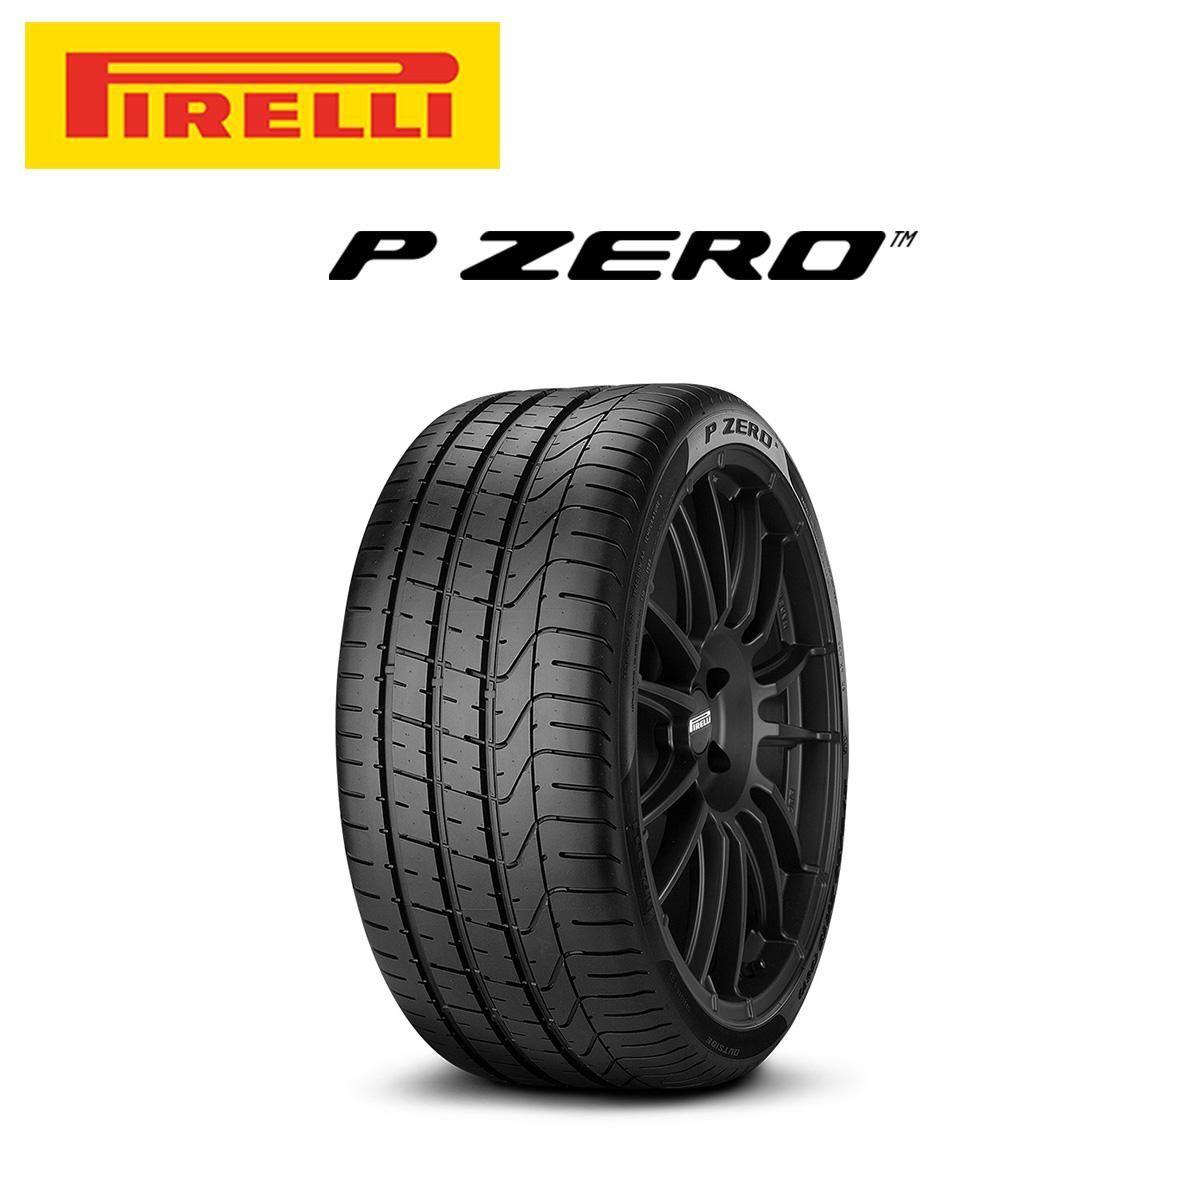 ピレリ PIRELLI P ZERO ピーゼロ 20インチ サマー タイヤ 4本 セット 295/30ZR20 101Y XL AMS:アストンマーティン承認タイヤ 1715700